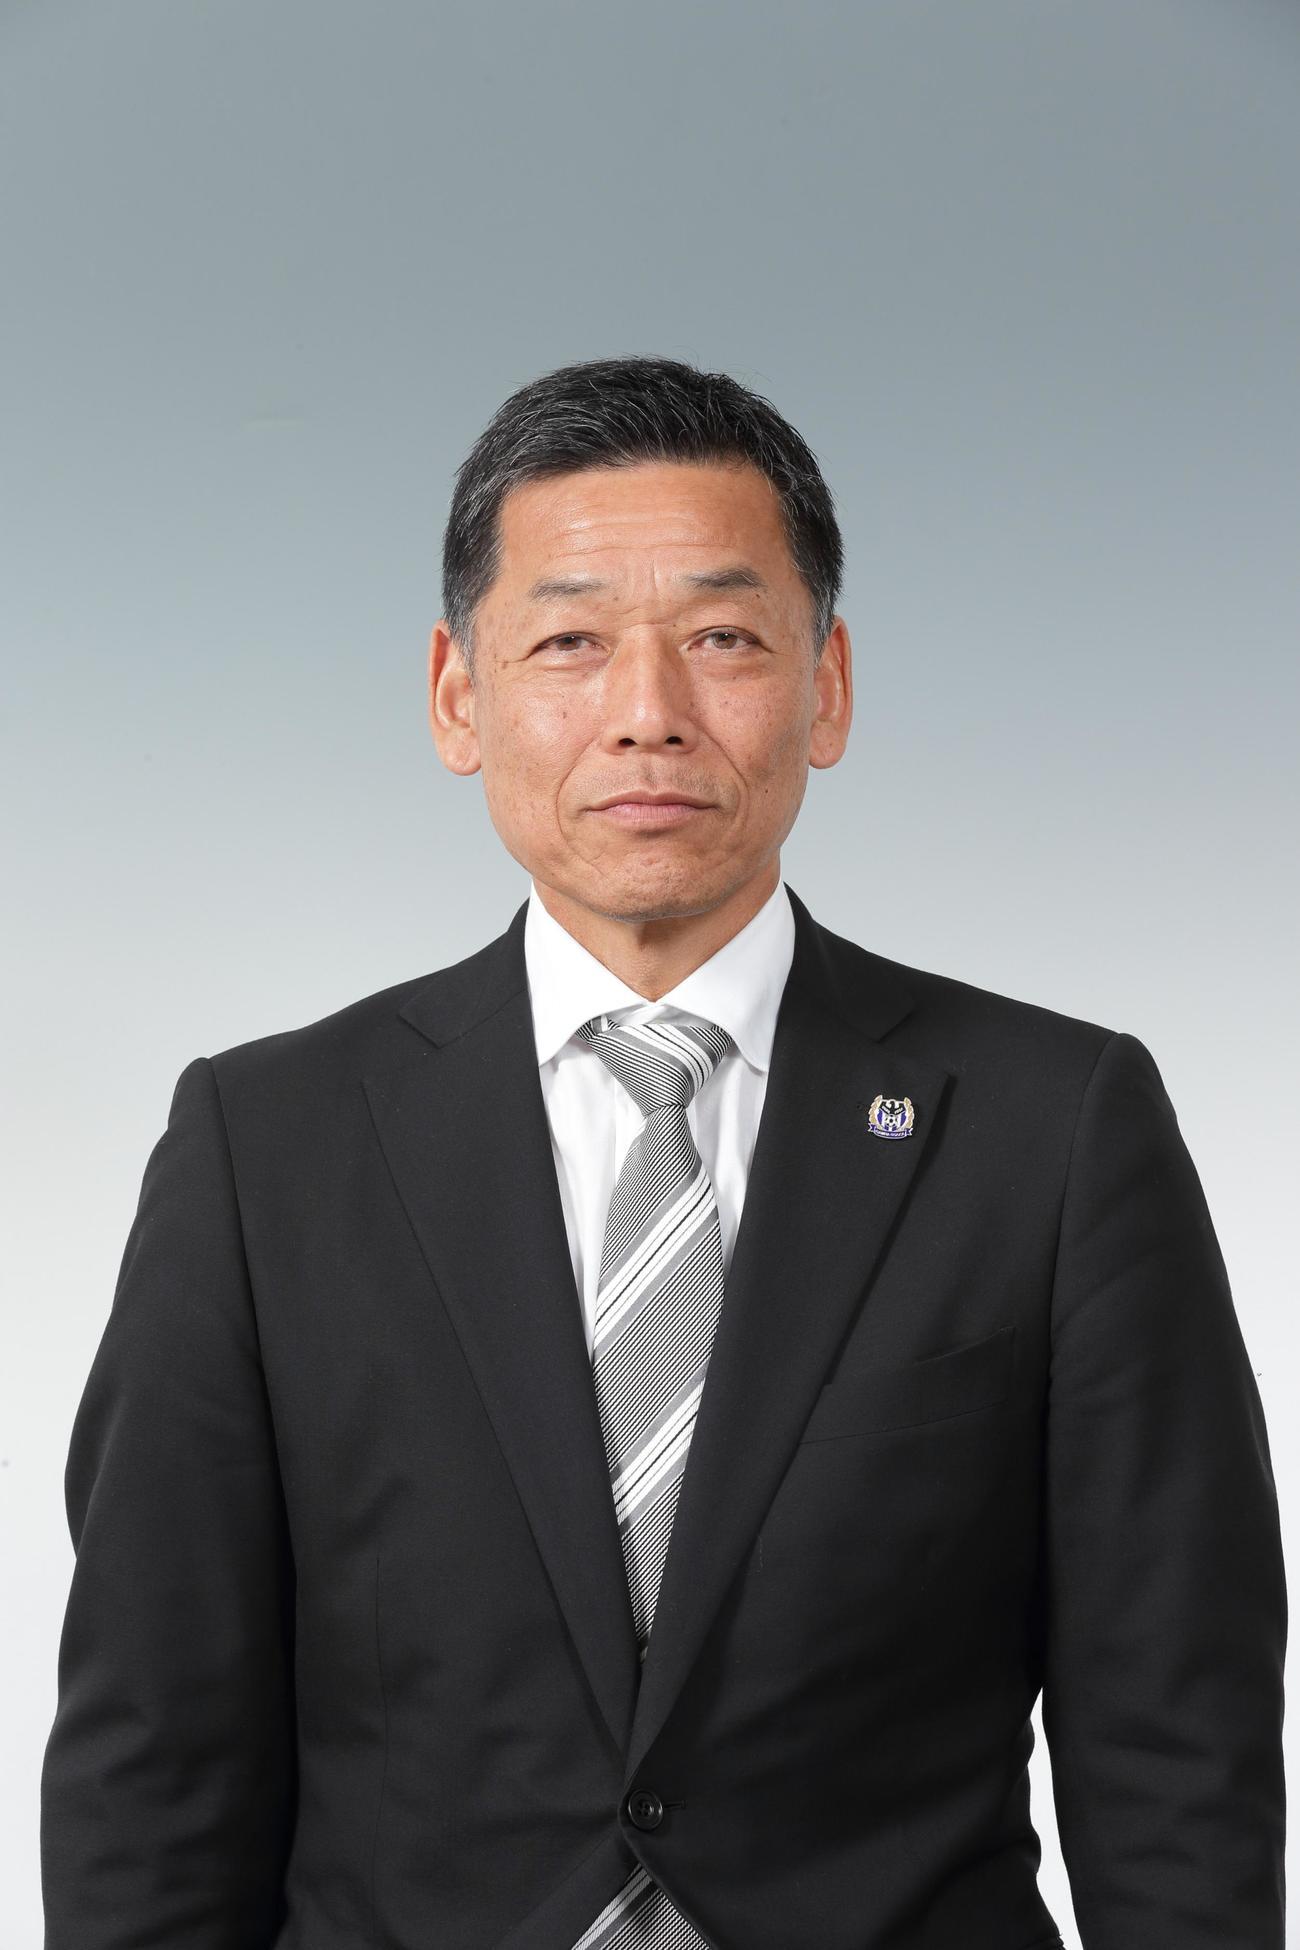 G大阪の小野忠史社長(C)GAMBAOSAKA